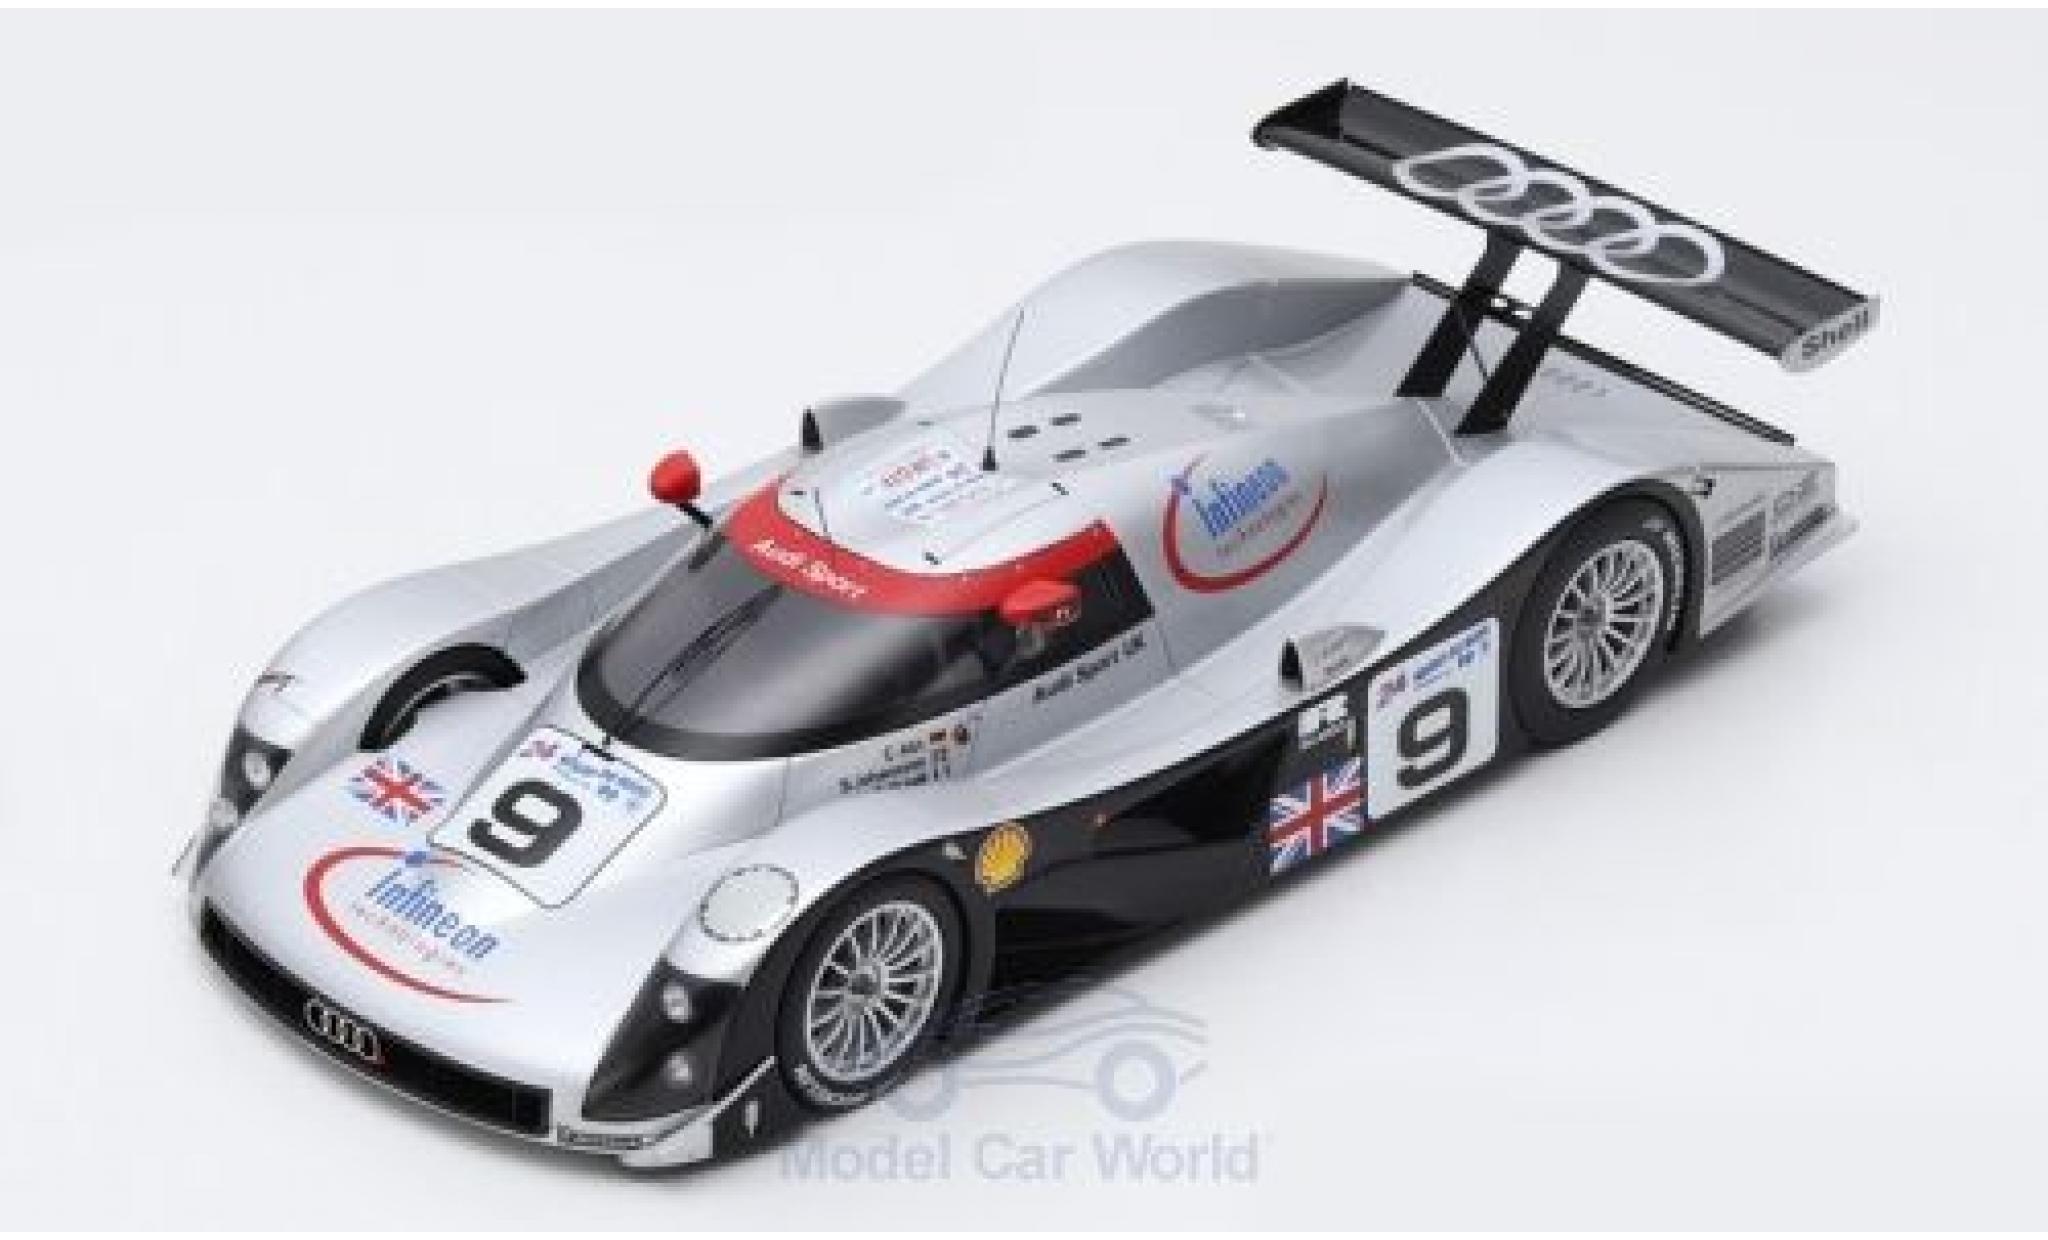 Audi R8 1/43 Spark C No.9 Sport UK 24h Le Mans 1999 S.Johansson/S.Ortelli/C.Abt